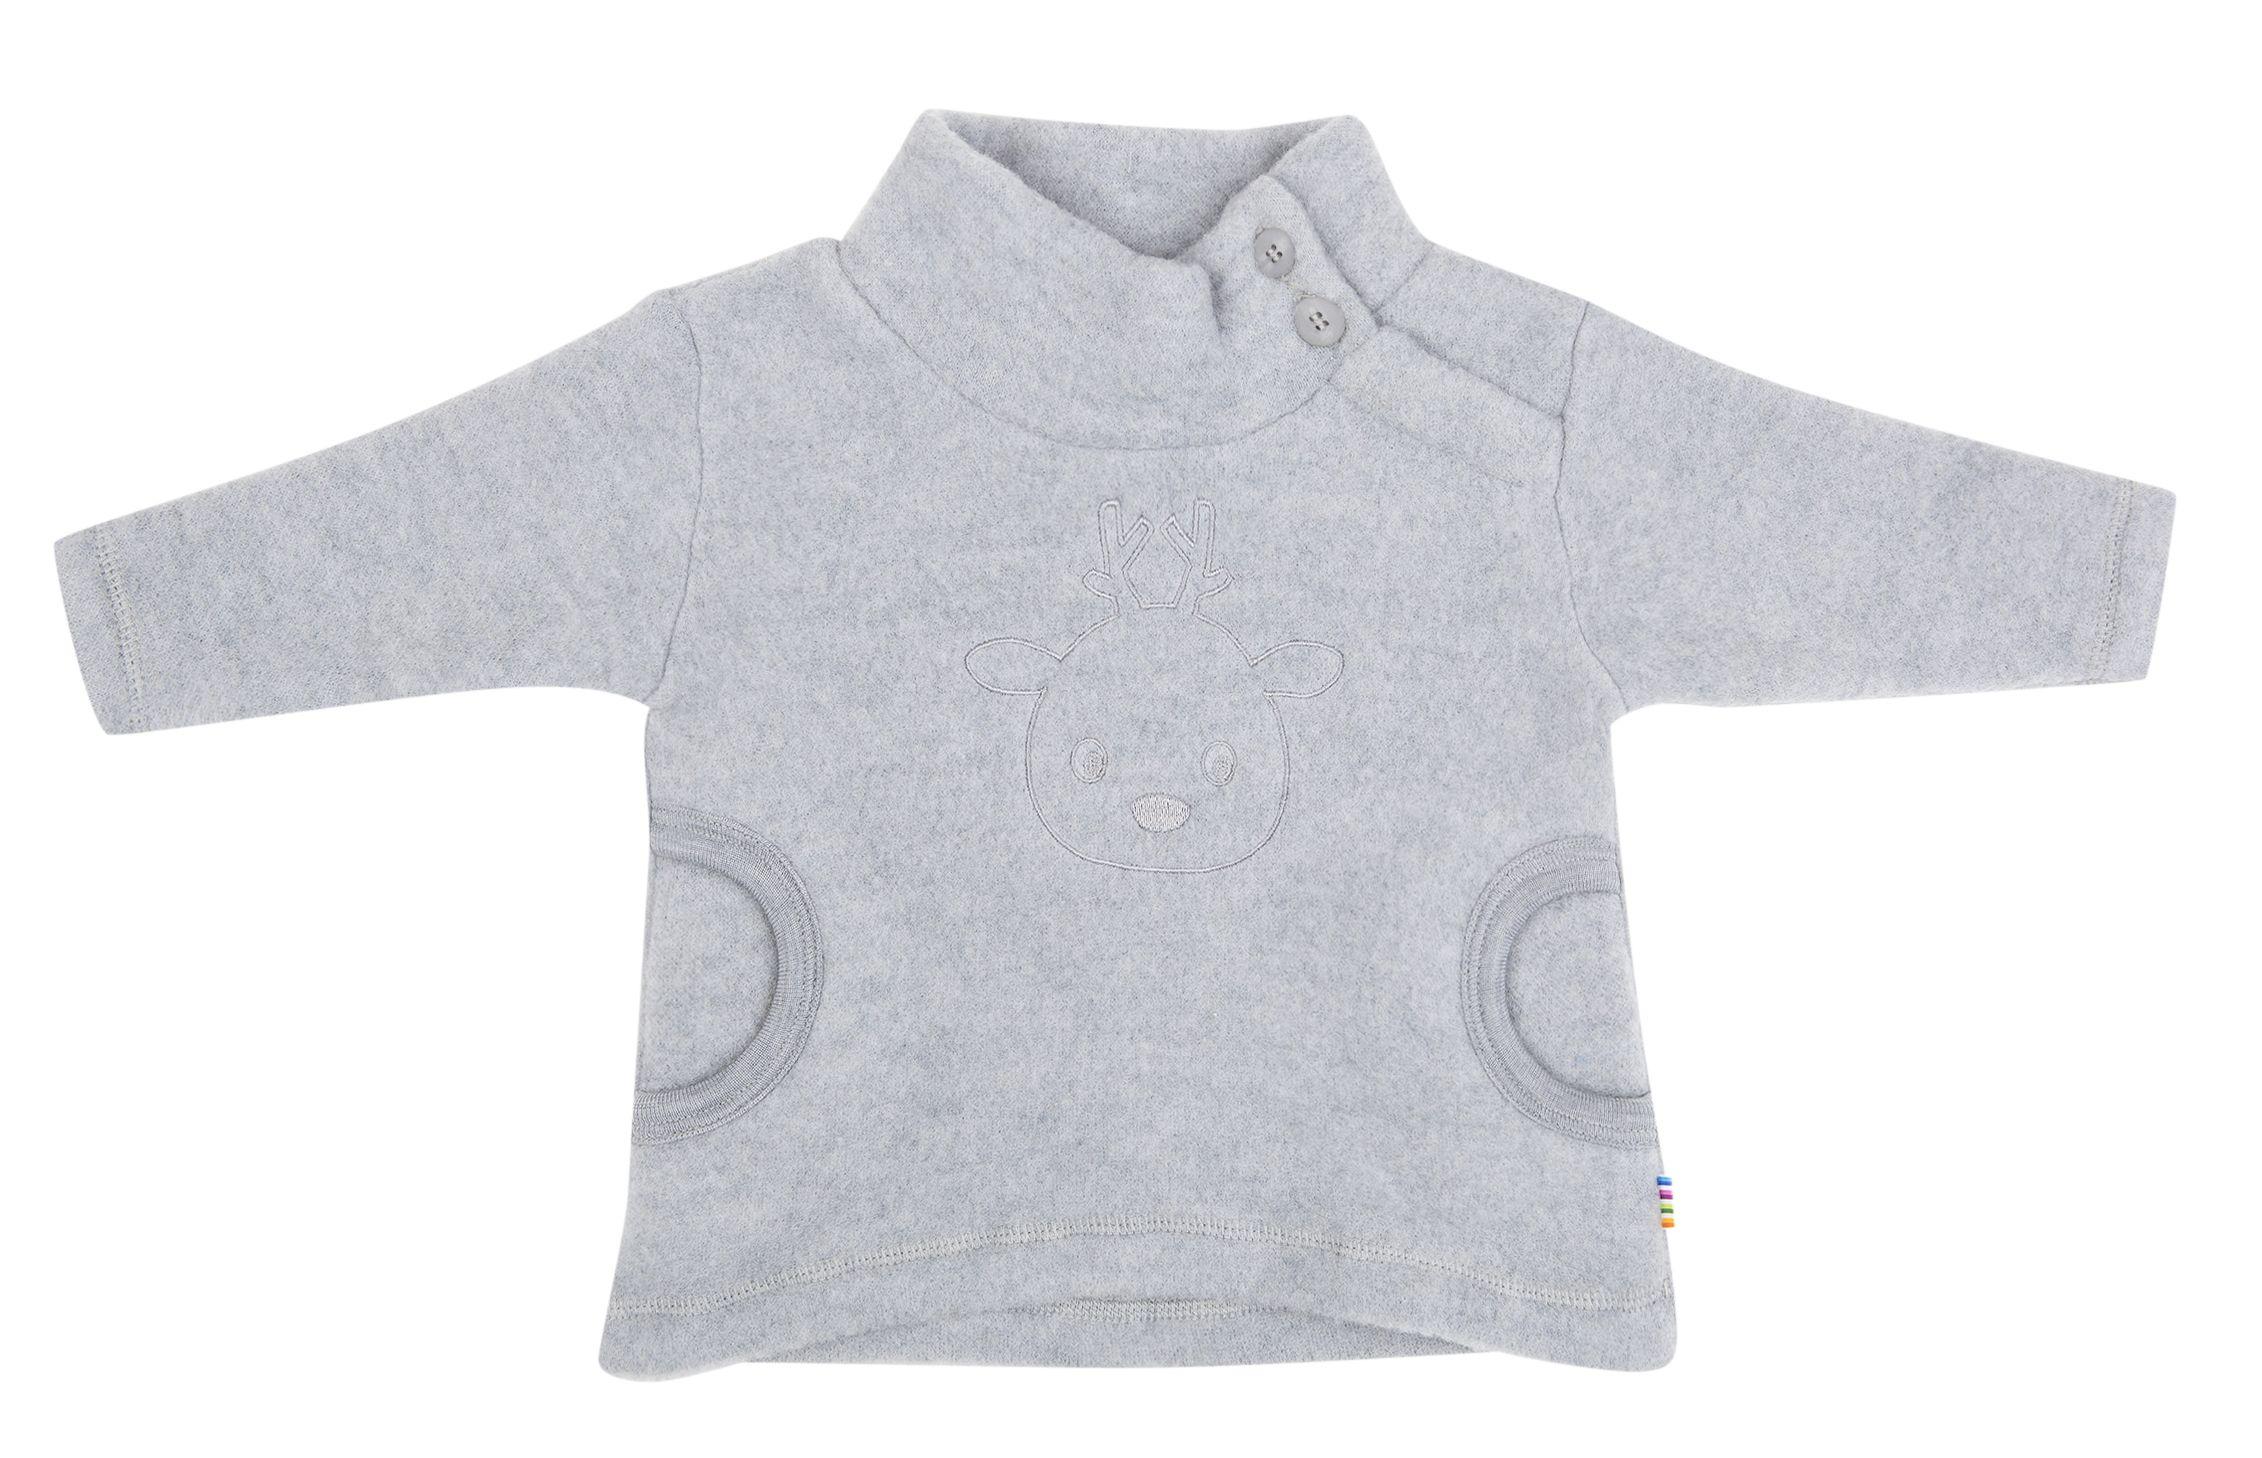 Image of   Anorak i Baby Uld (Soft Wool) fra Joha - Grey melange